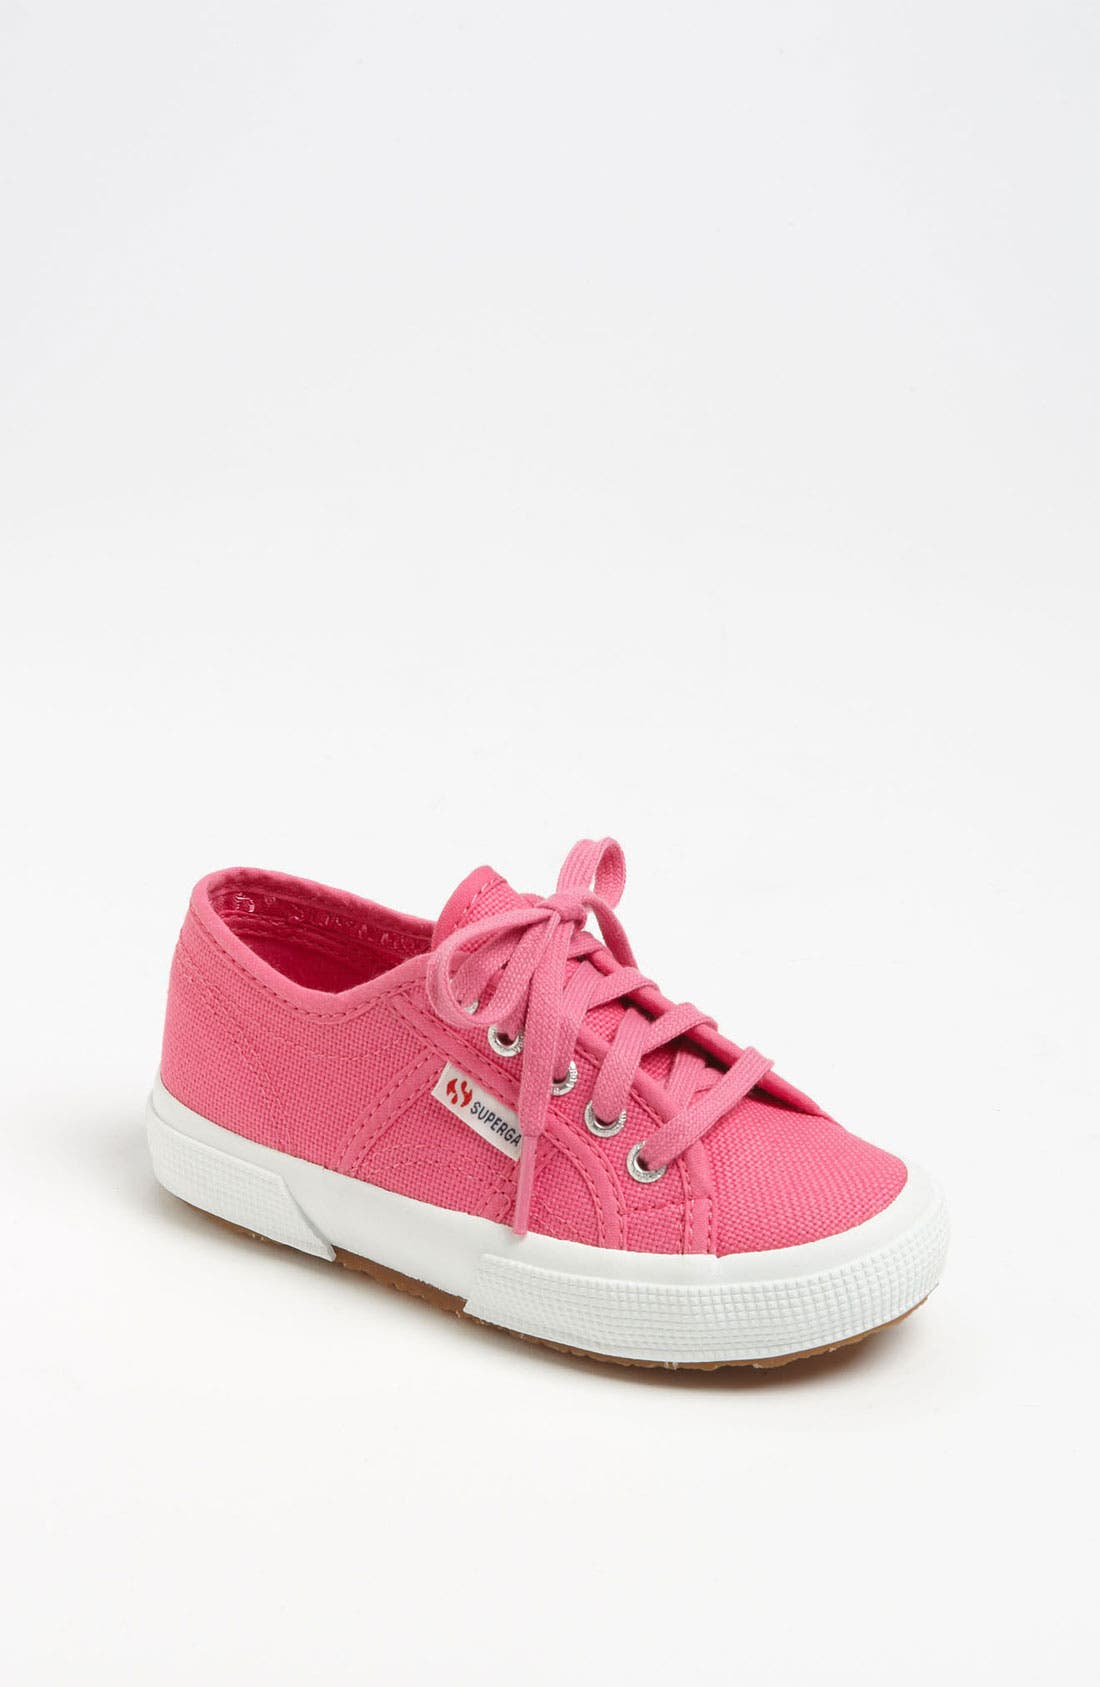 Alternate Image 1 Selected - Superga 'Junior Classic' Sneaker (Walker, Toddler & Little Kid)